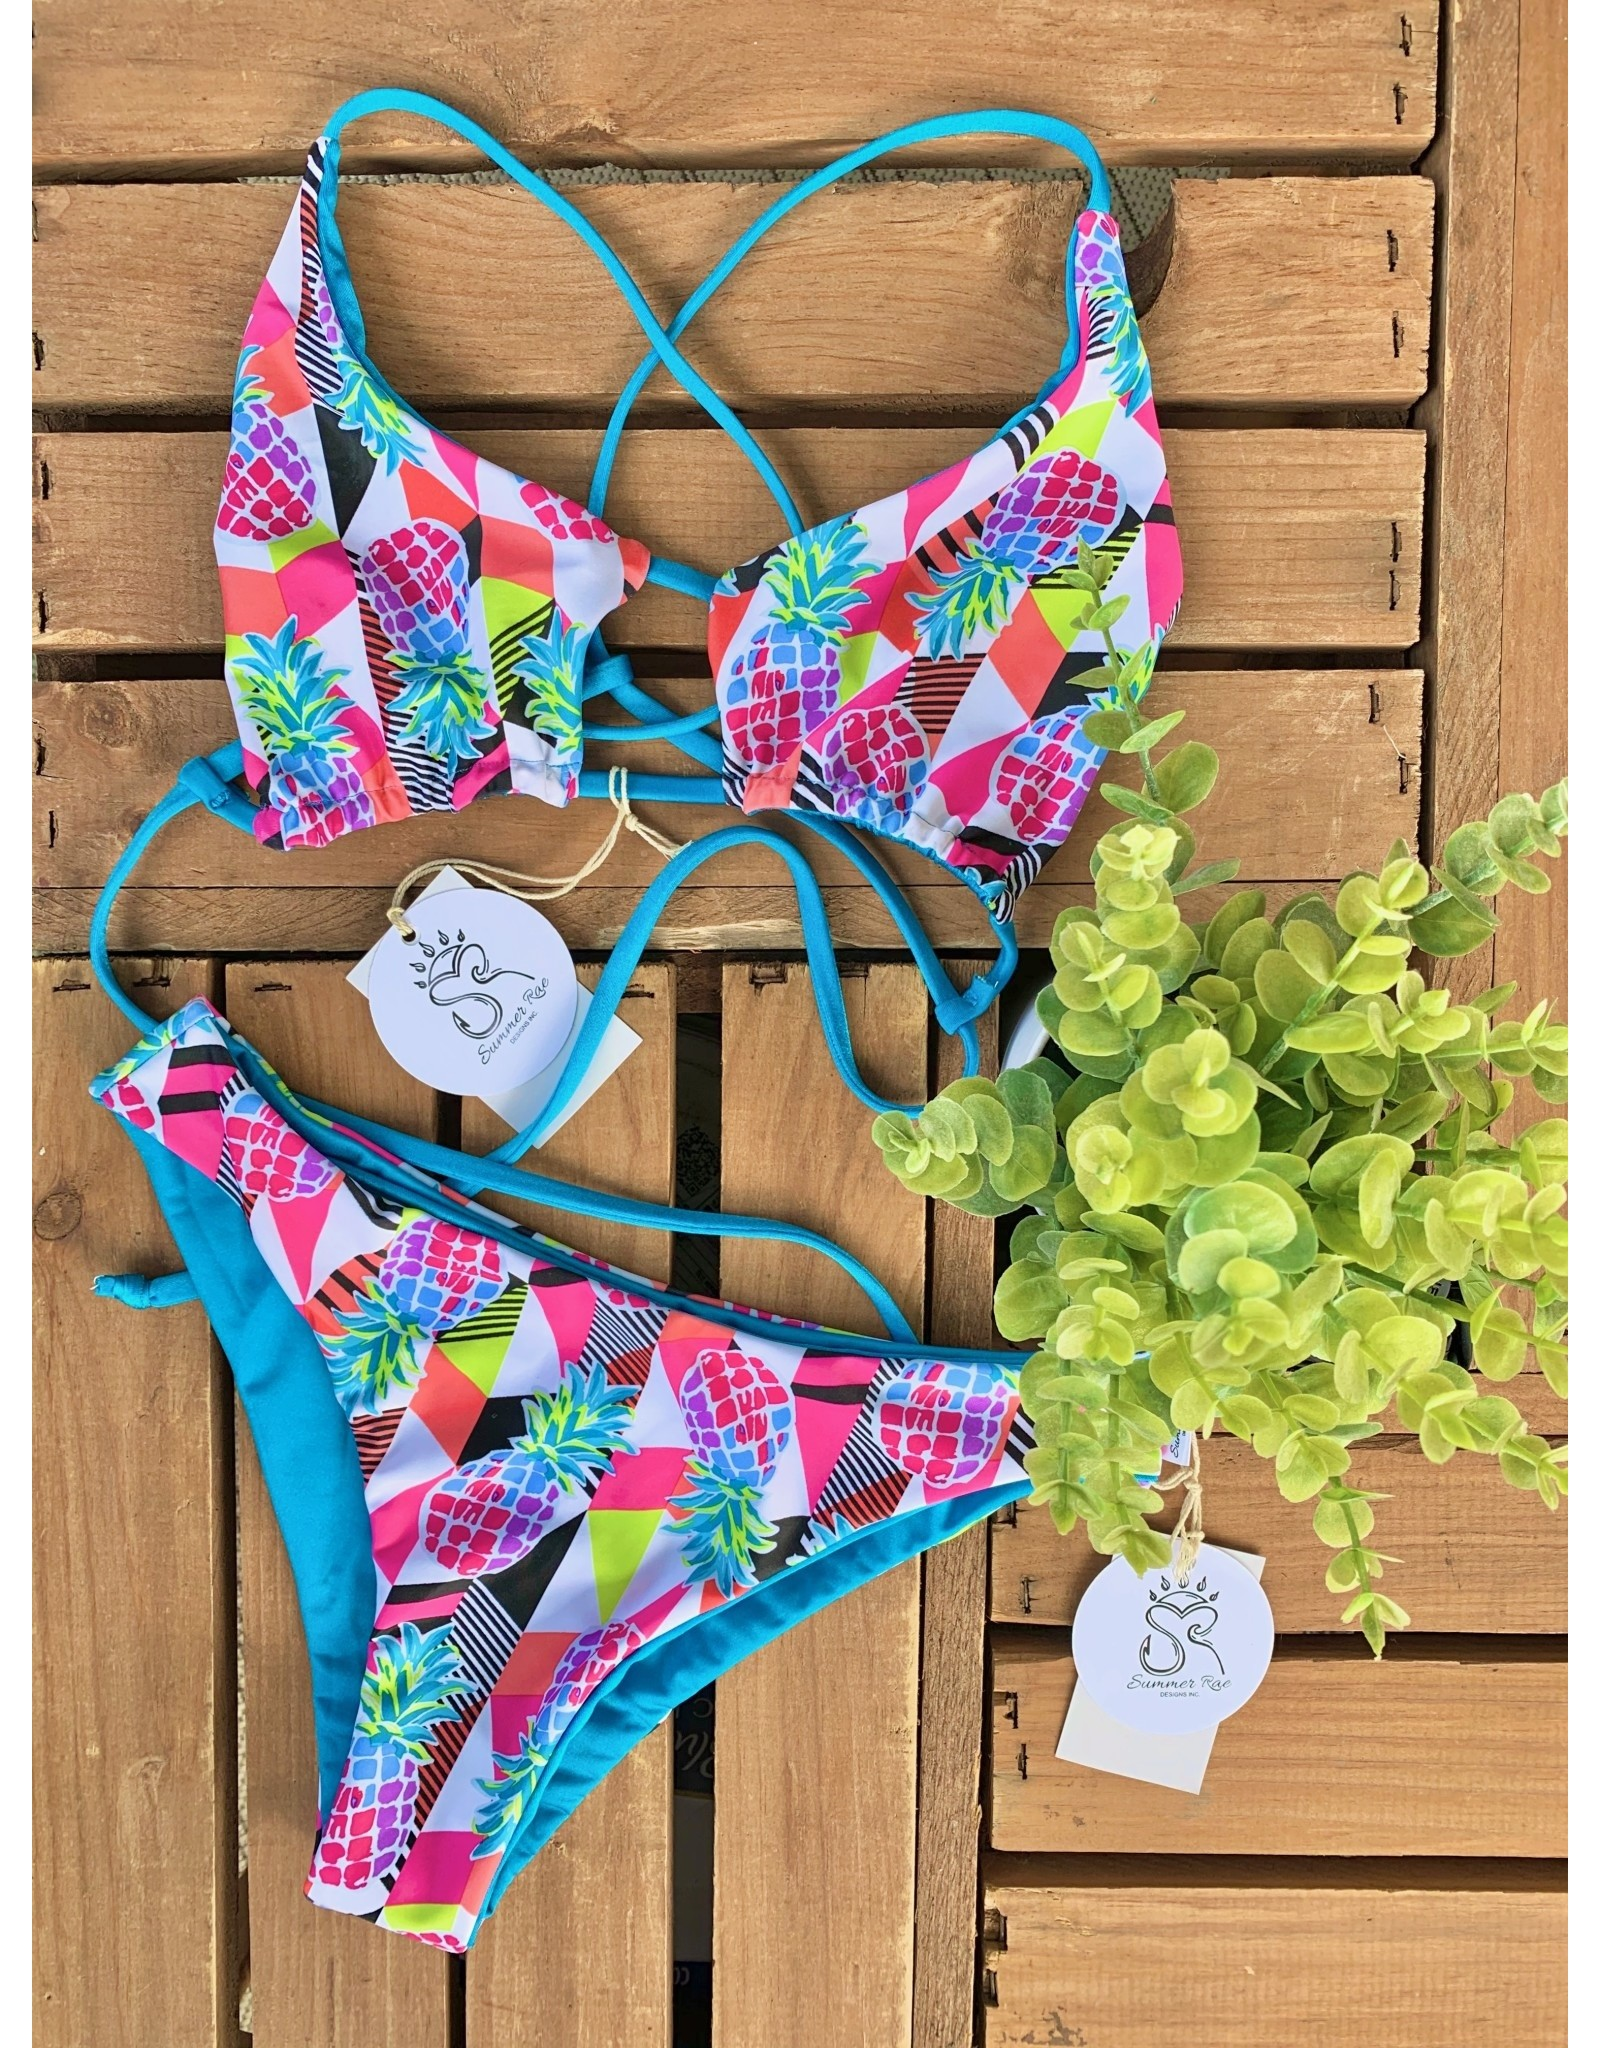 Summer Rae Designs BL/Pineapple W/E Top